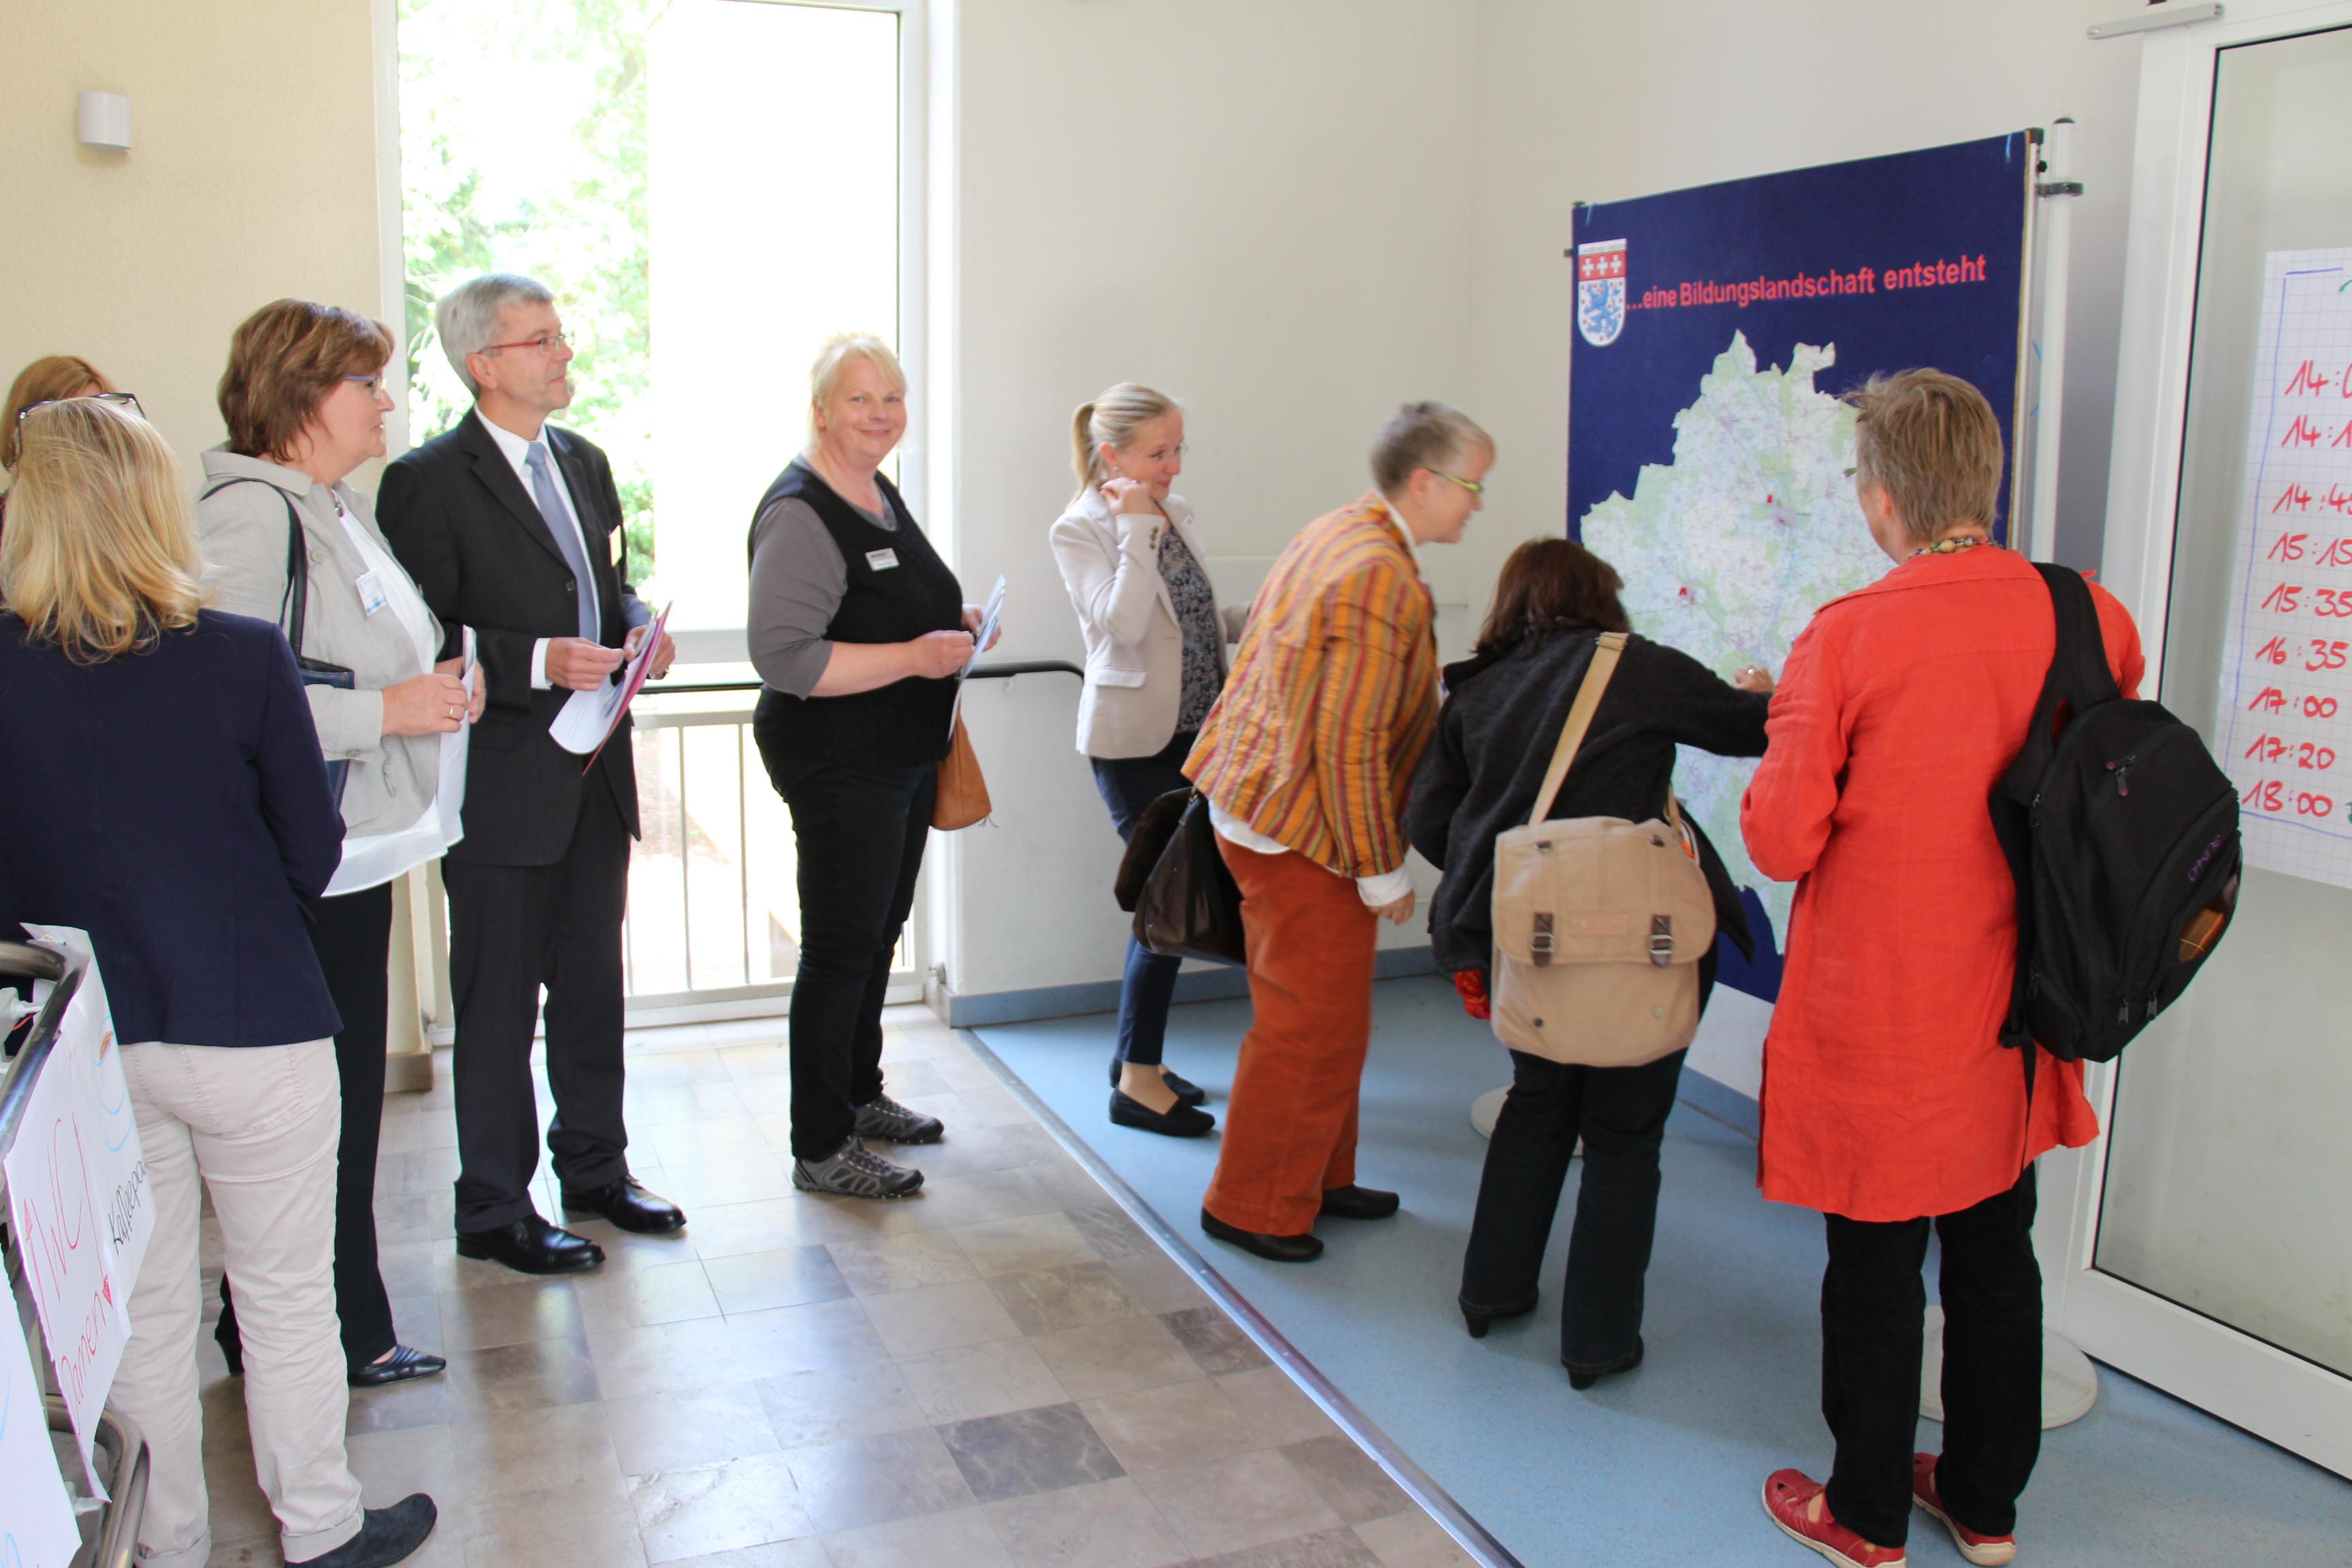 Pinnwand des Landkreises zur Standortangabe der Teilnehmer